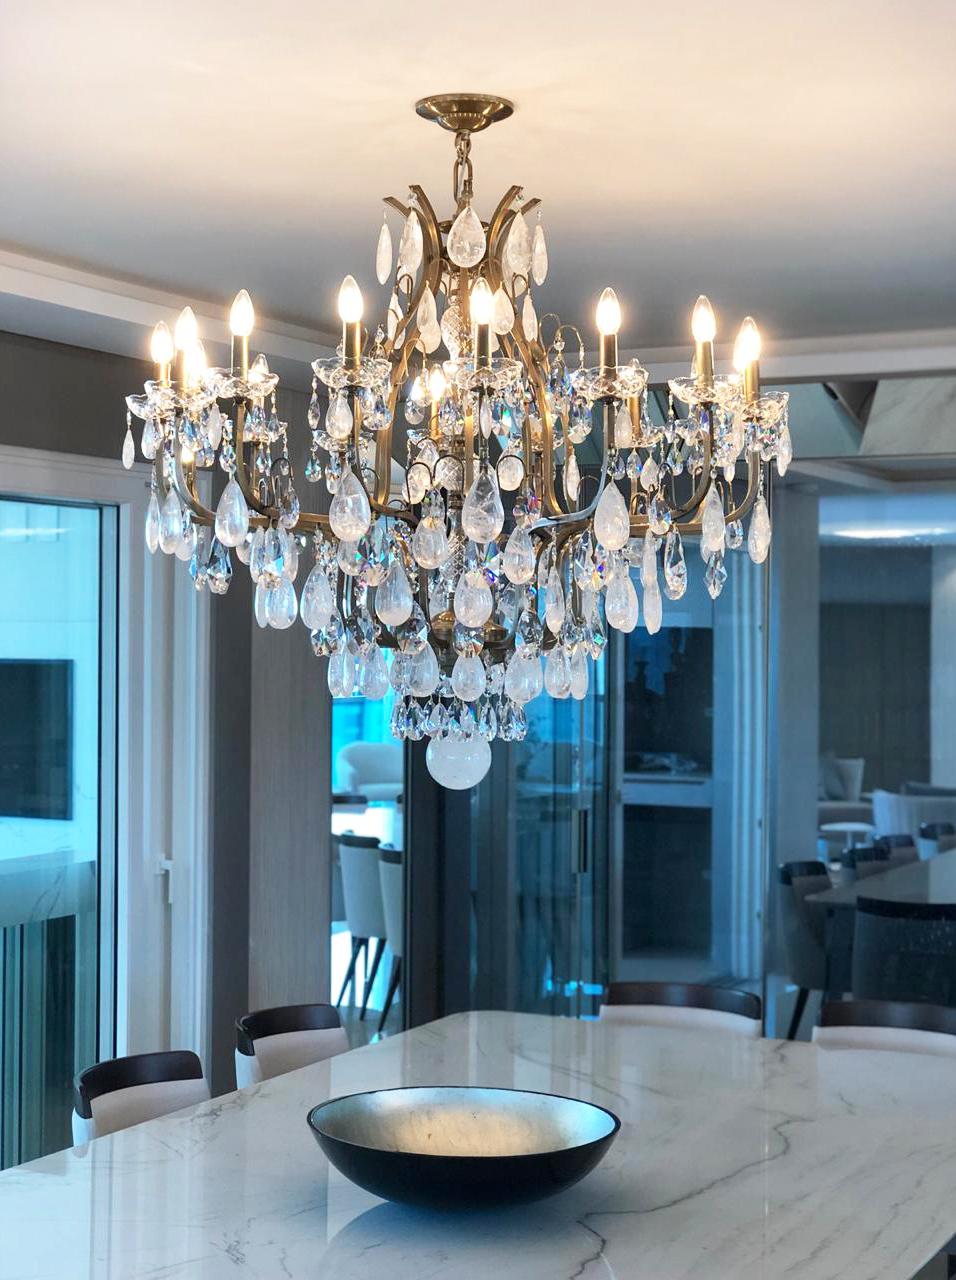 Lustre Mântova 16 braços com cristais de rocha quartzo extraclaros, ambientado em sala de jantar.